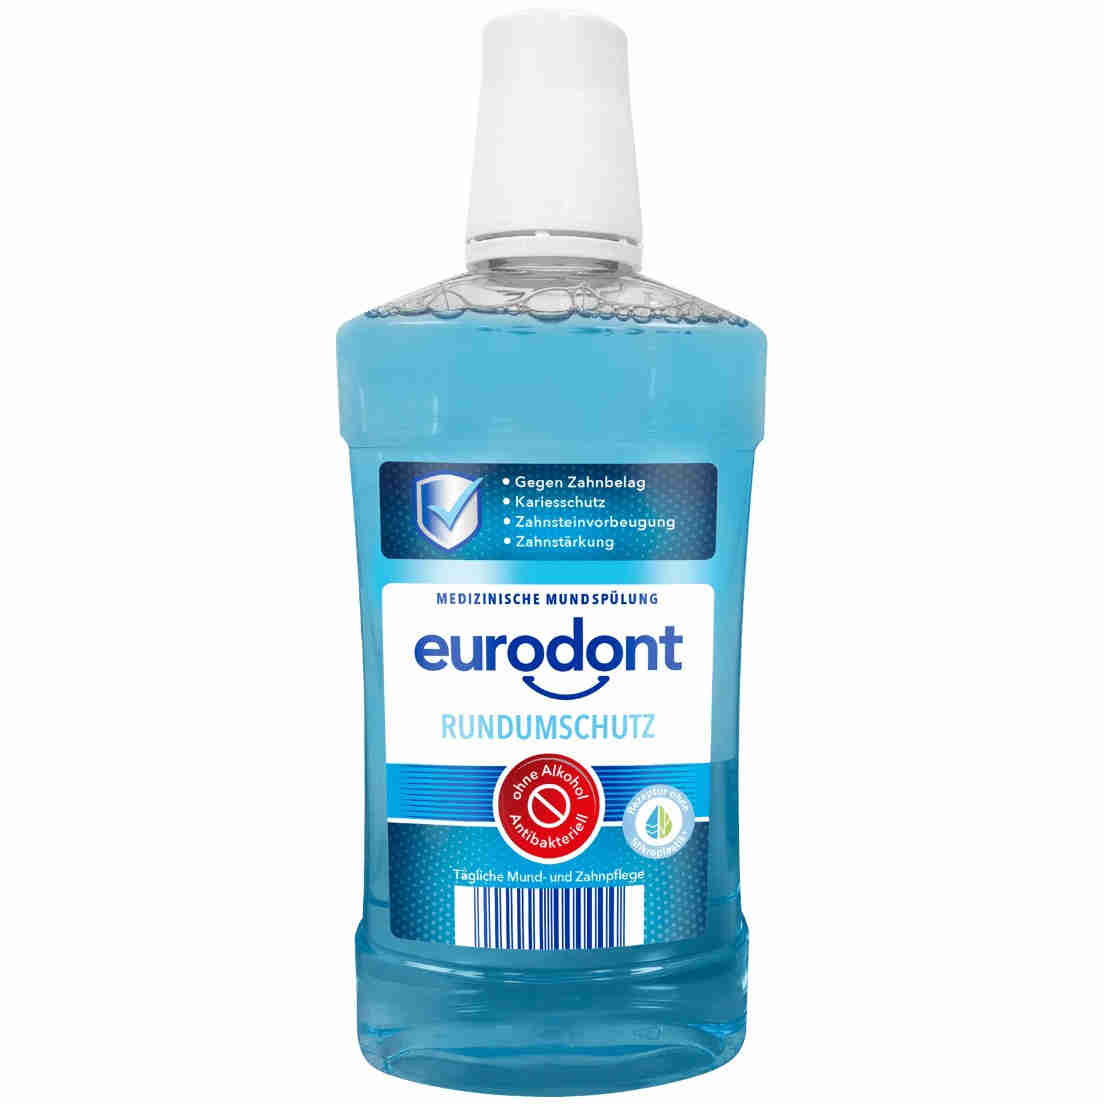 Eurodont Medizinische Mundspülung Rundumschutz (Aldi Nord)